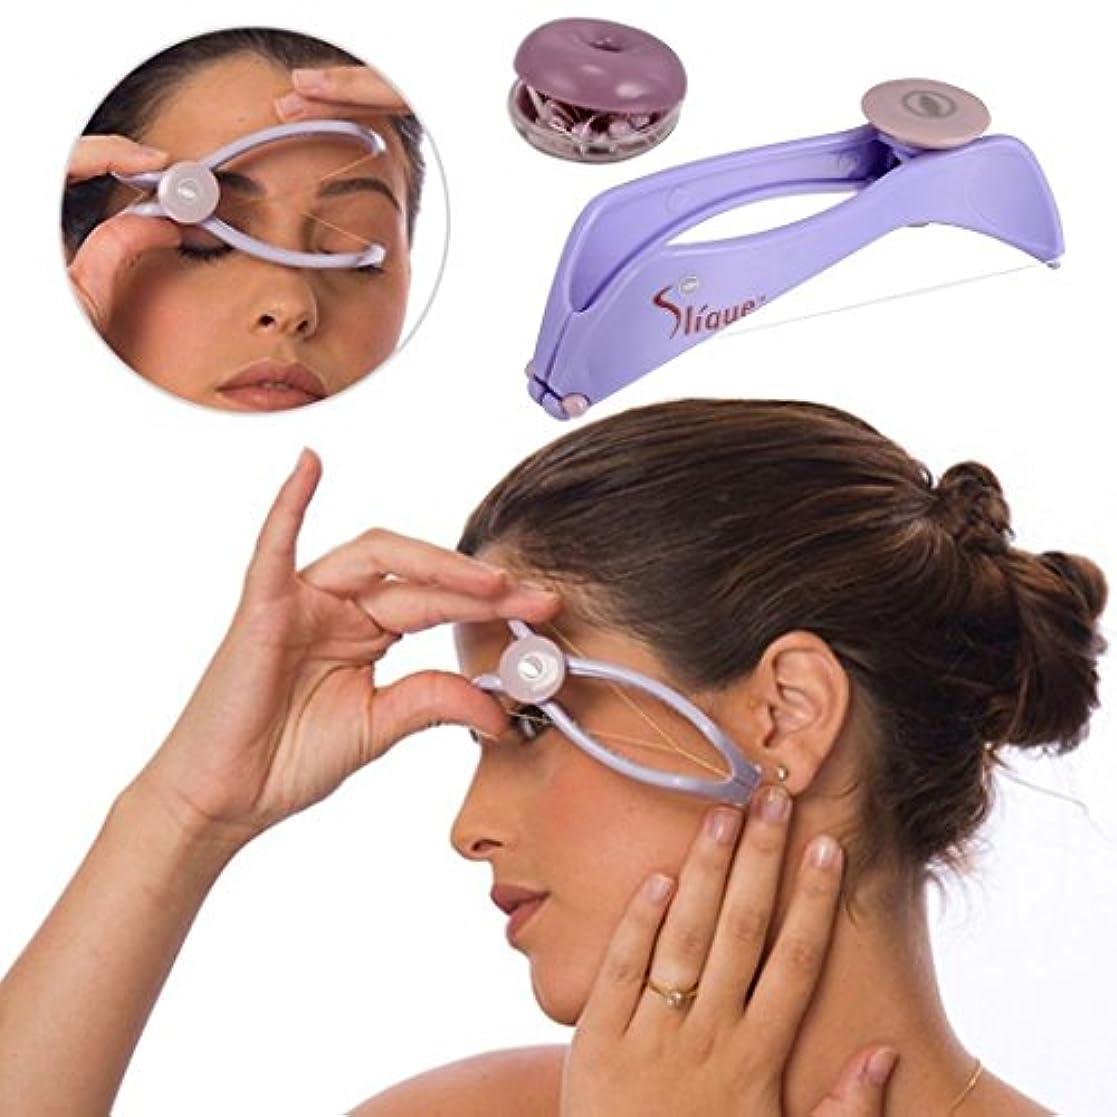 インフルエンザ組立豊かな婦人用ツールの美しさを手動でスレッドの髪の顔脱毛フェイシャルスパリムーバーhaitツールセット